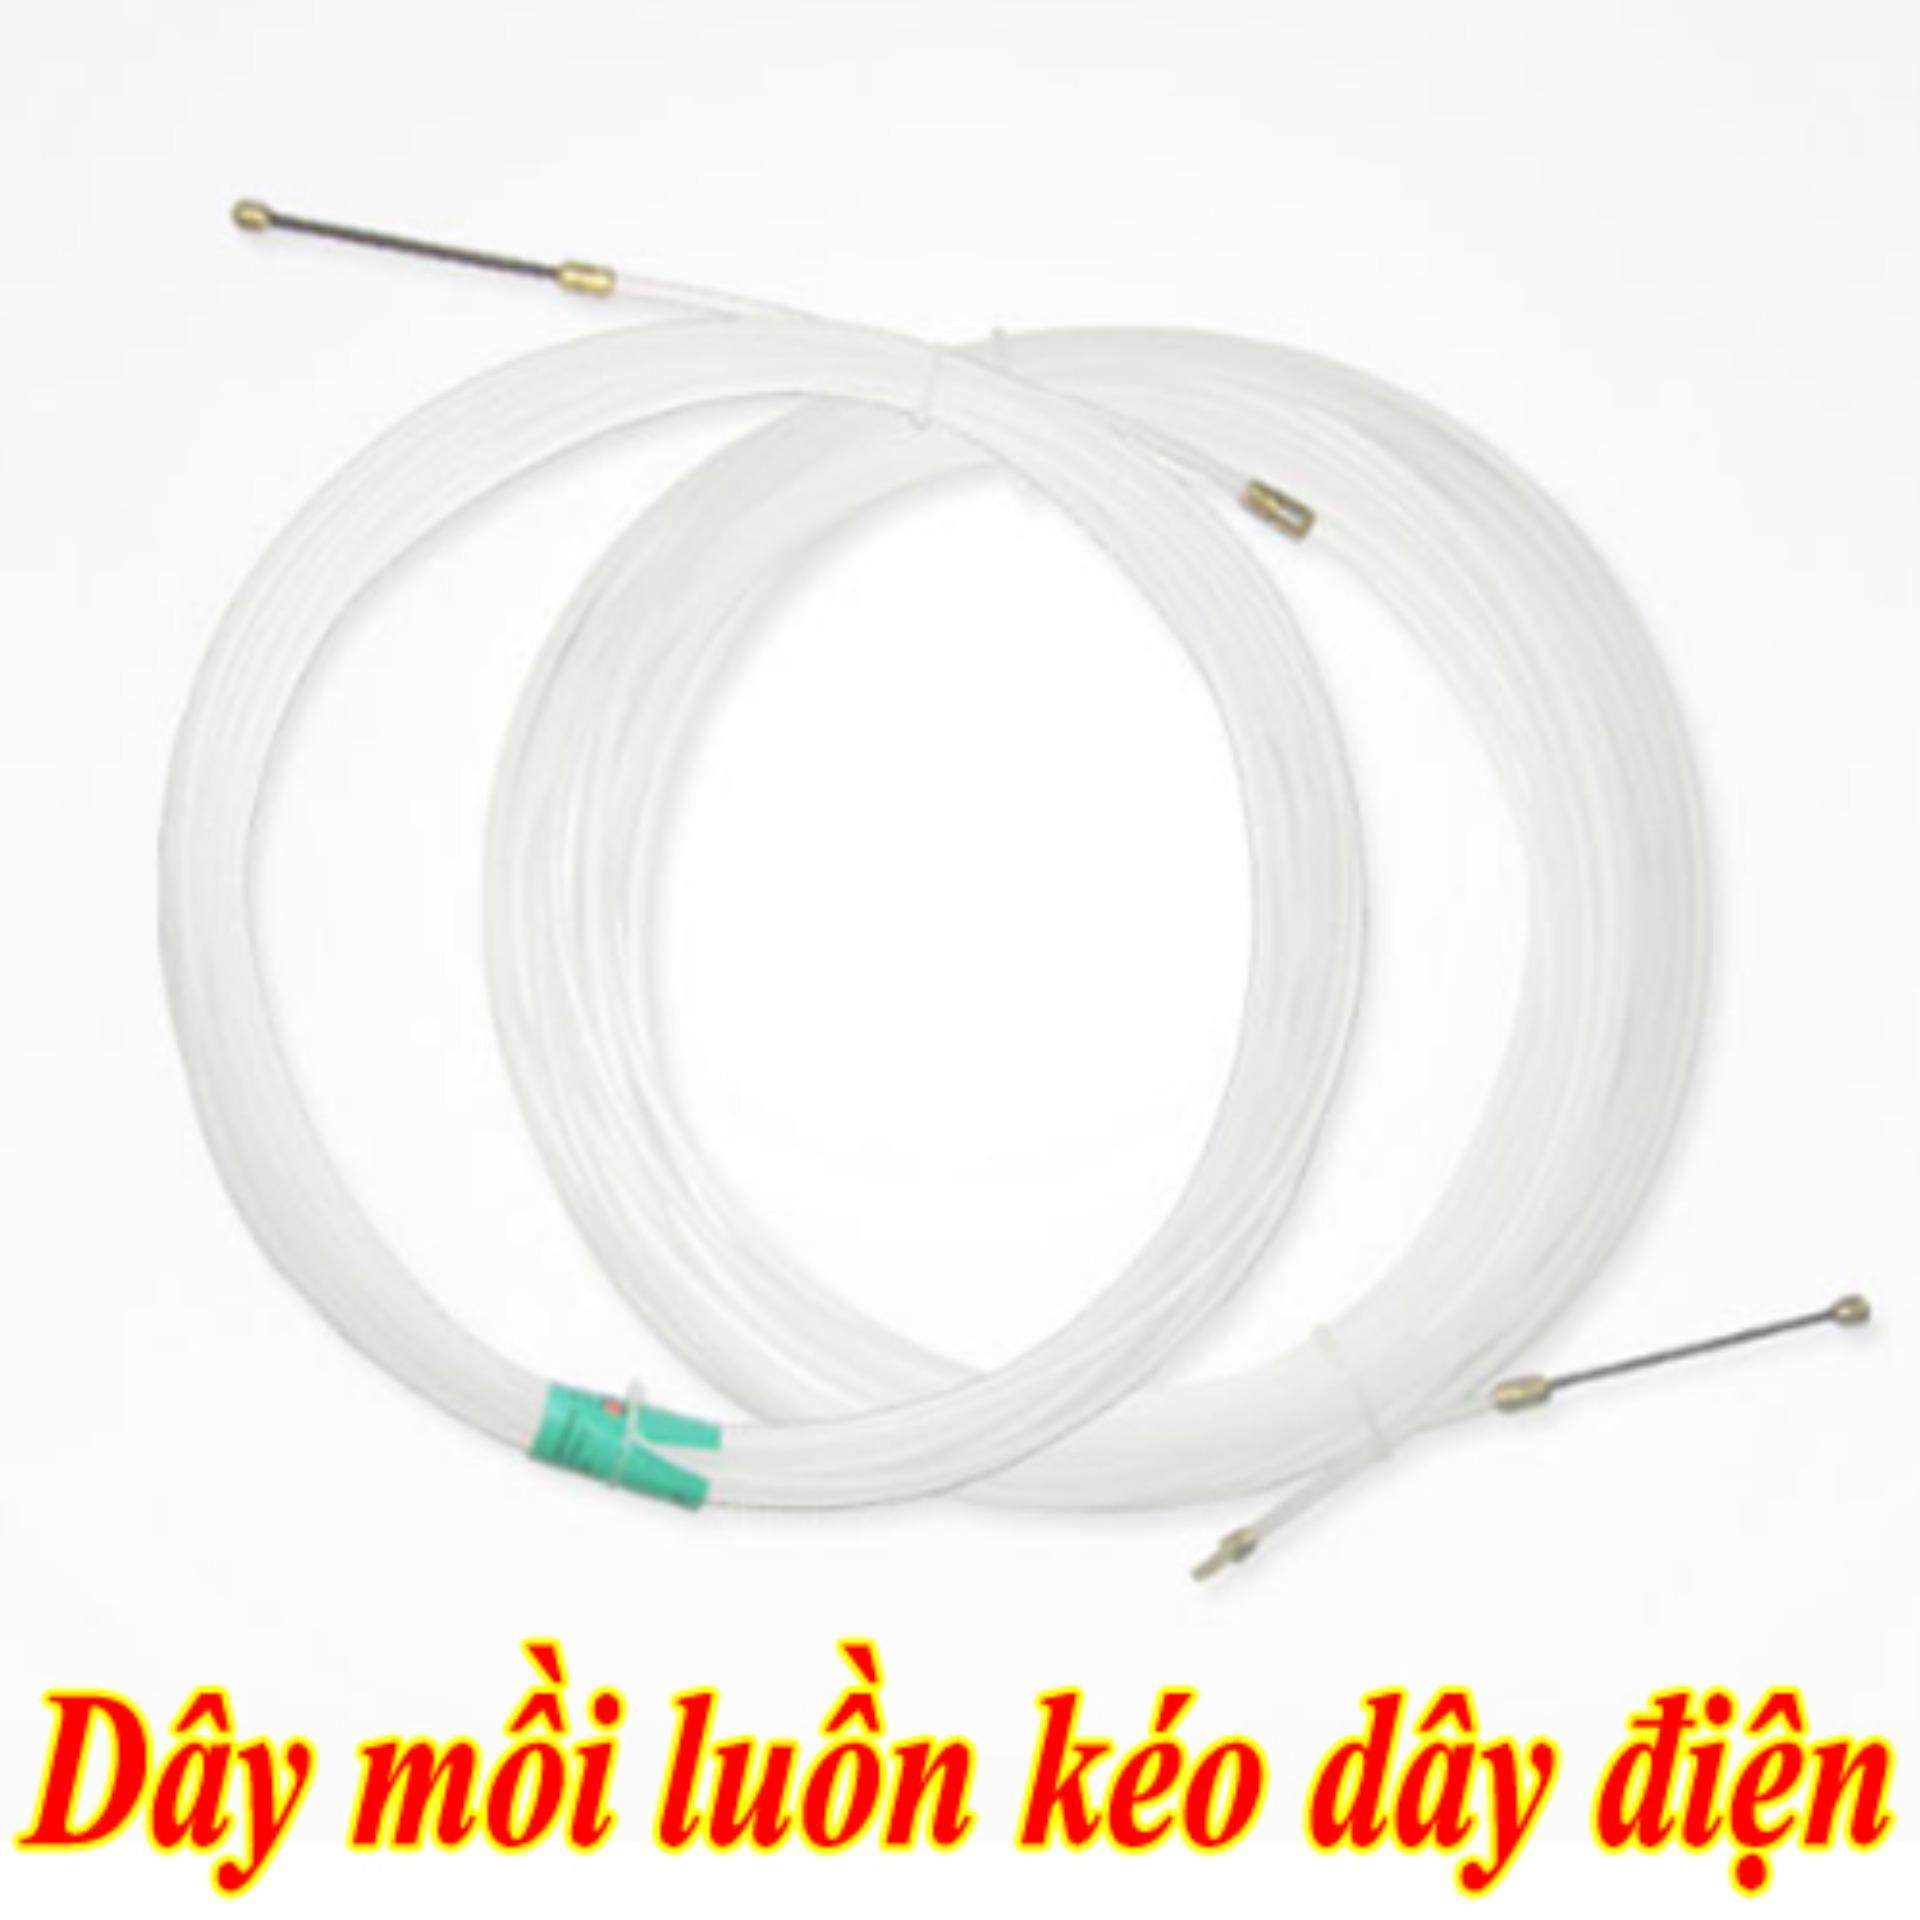 Bộ dây mồi luồn dây điện xây dụng cao cấp 30m - Huy Tưởng